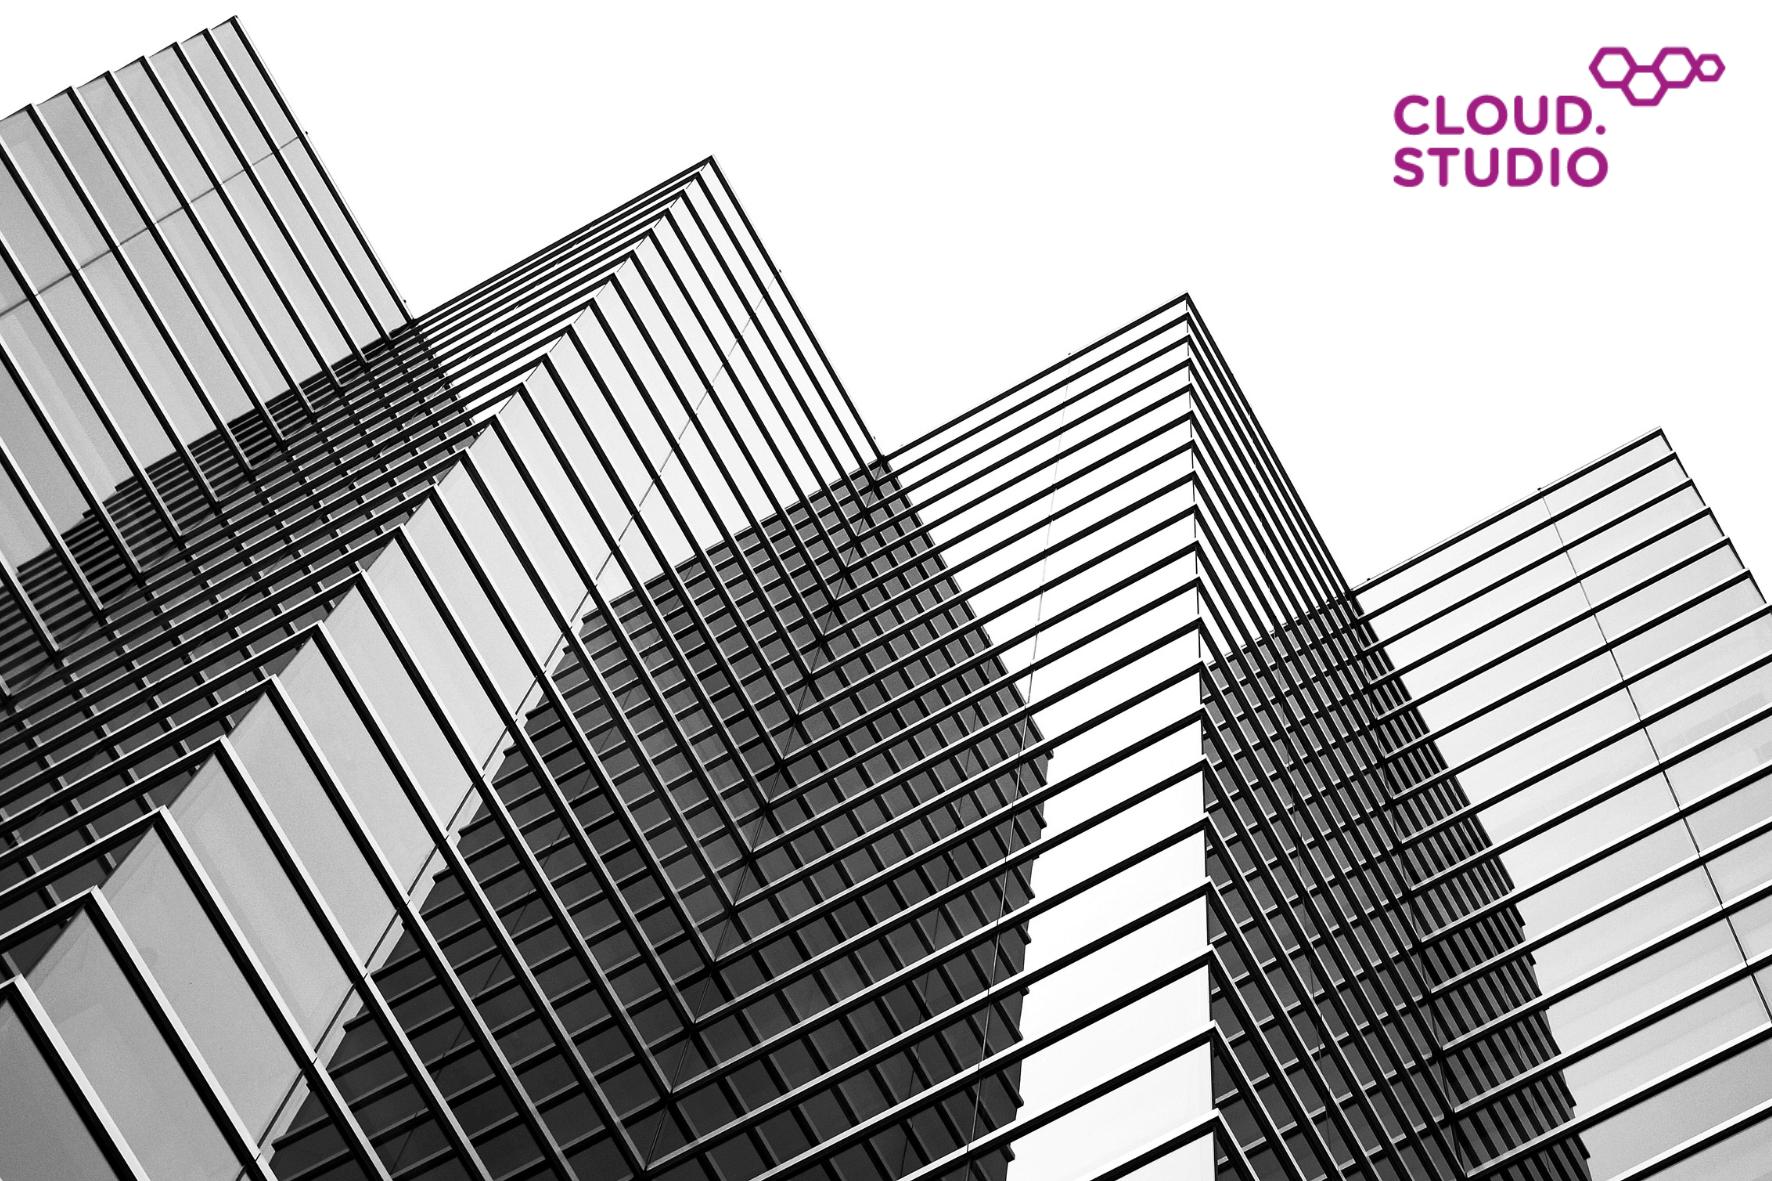 Cloud Studio Verticals